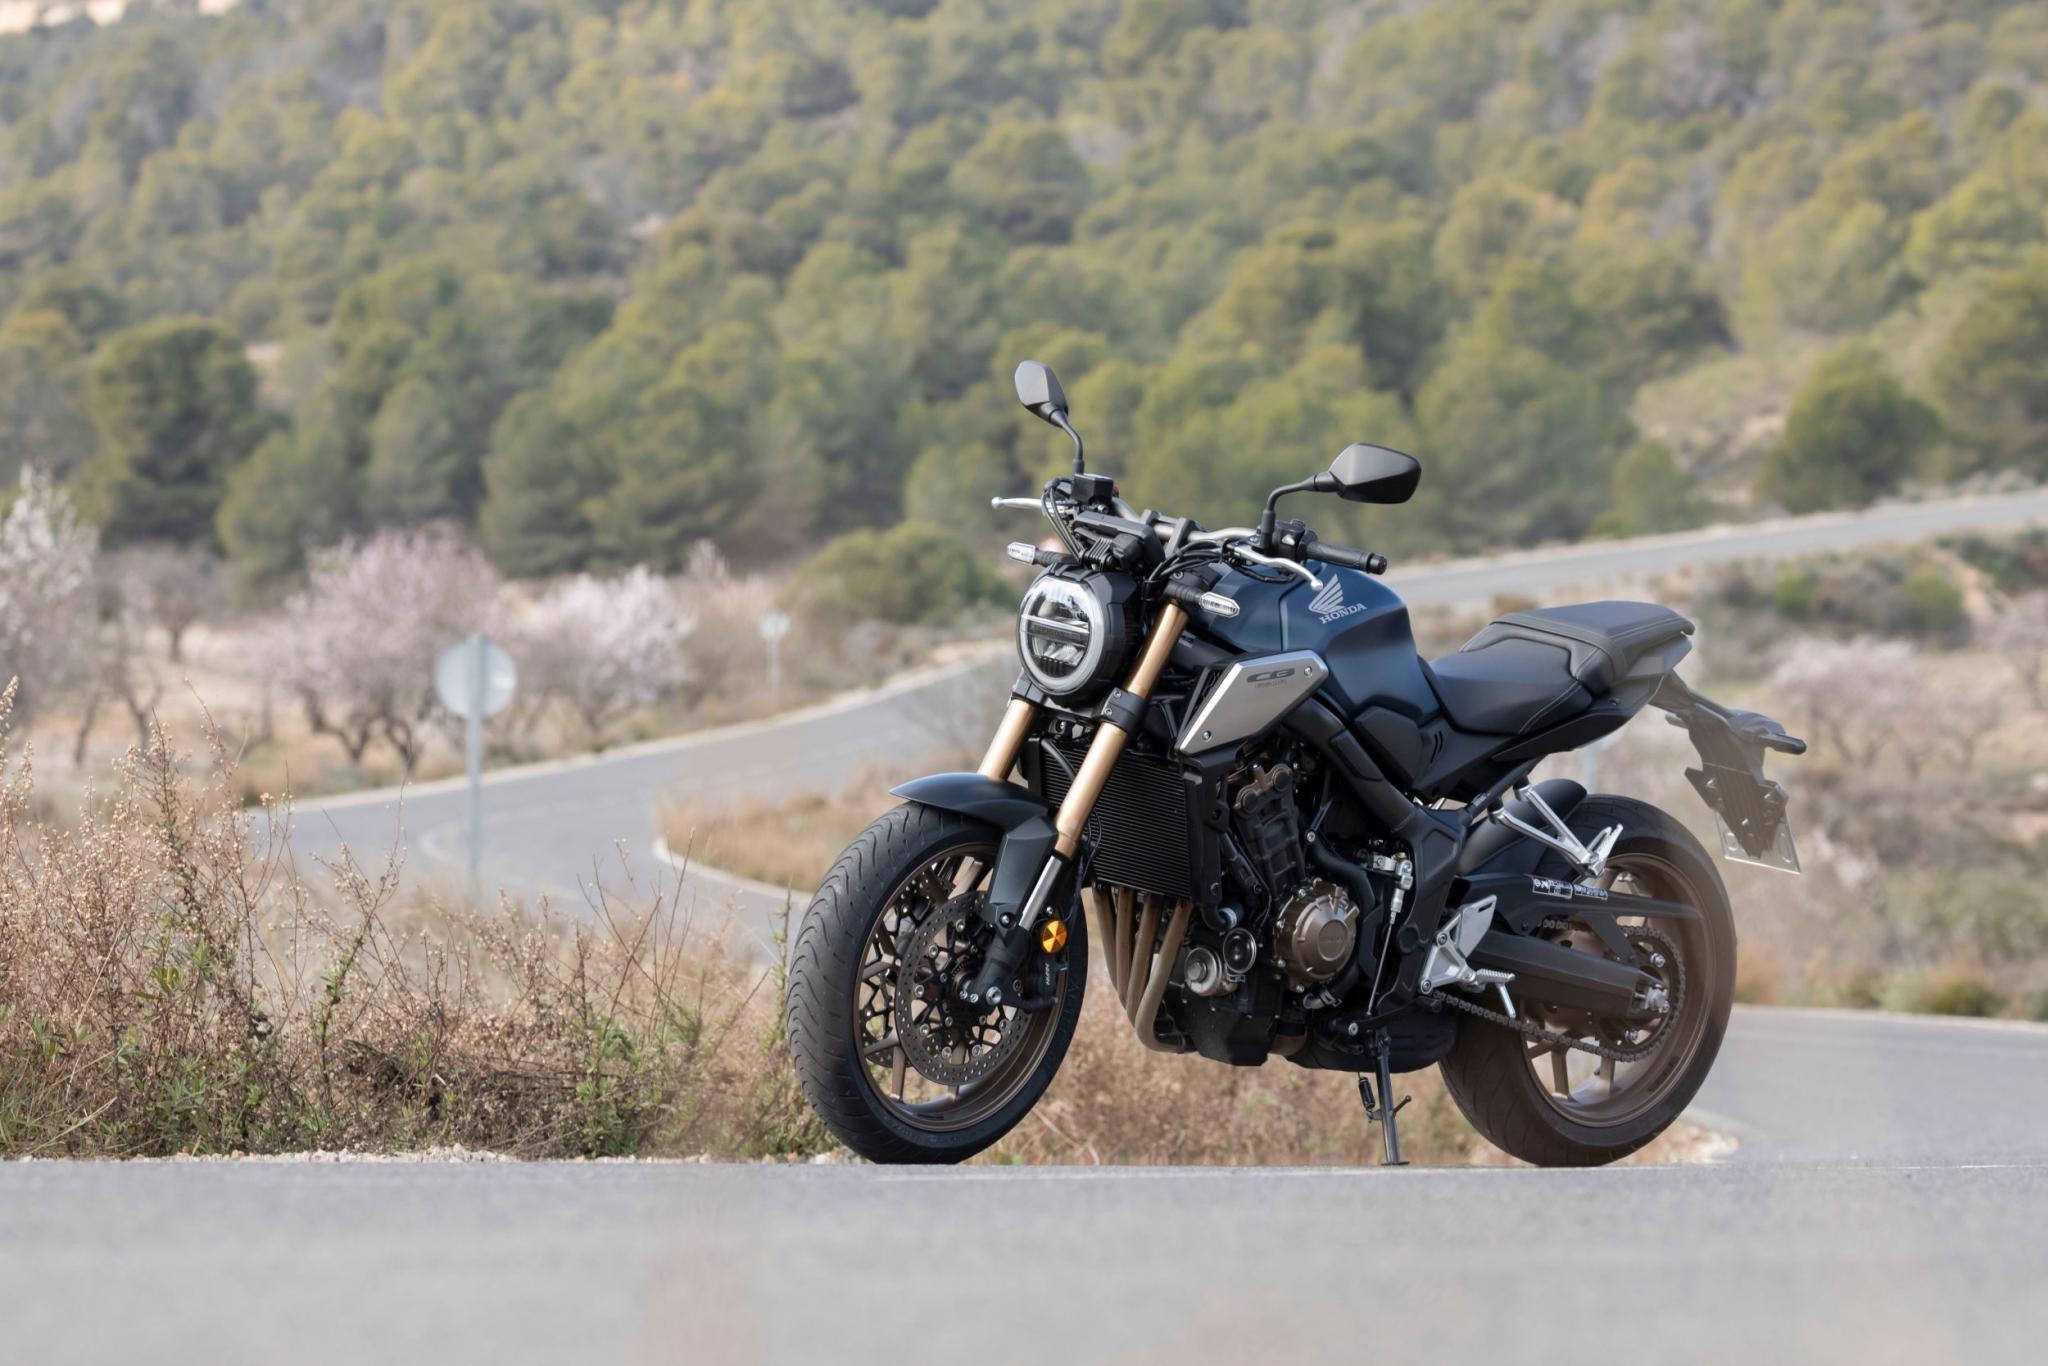 Honda CB650R Estimated Price, Launch Date 2021, Images